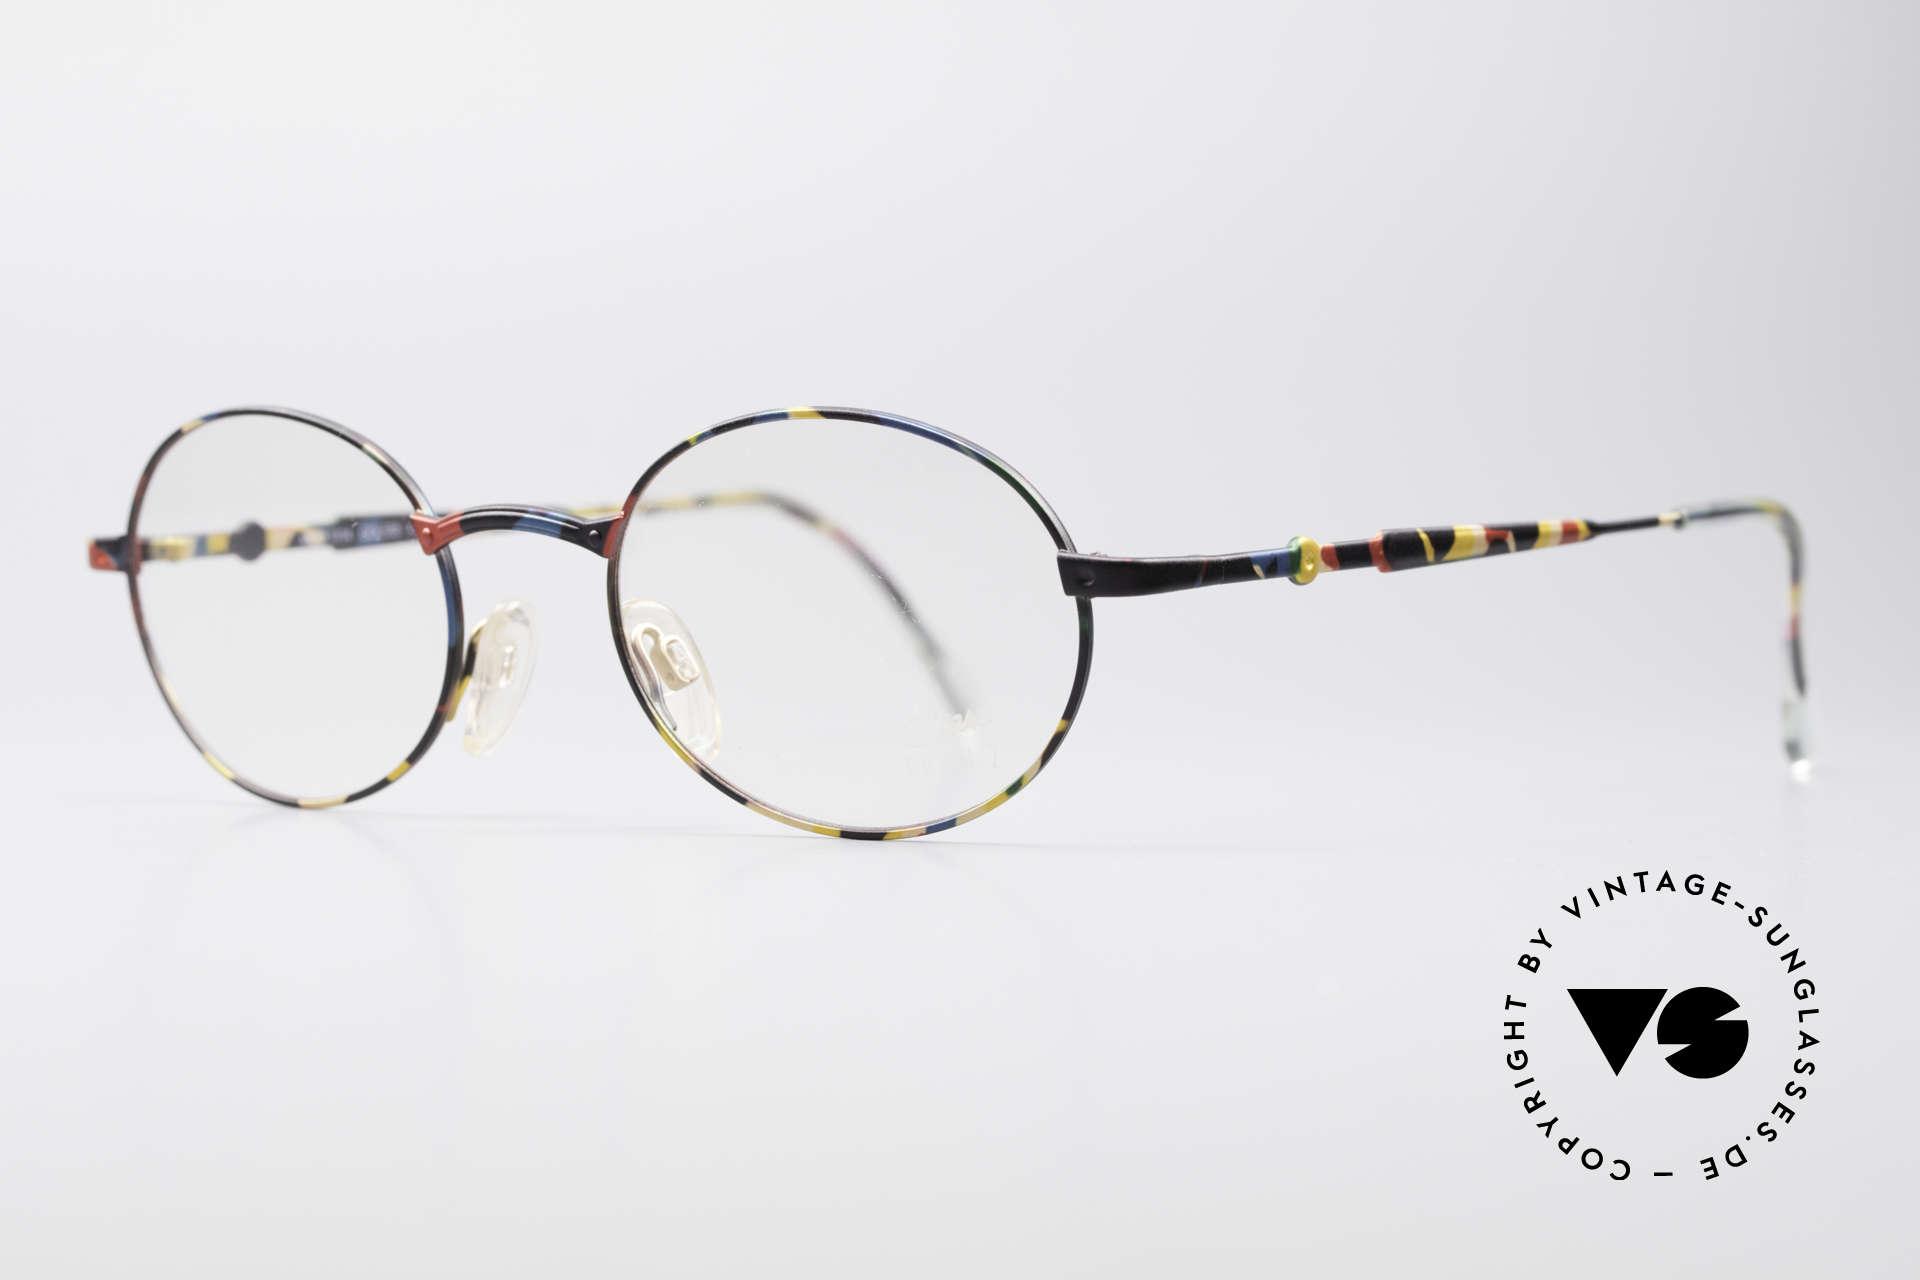 Cazal 1114 - Point 2 Runde Ovale Vintage Brille, damals die etwas schlichtere Brillenlinie von Cazal, Passend für Herren und Damen